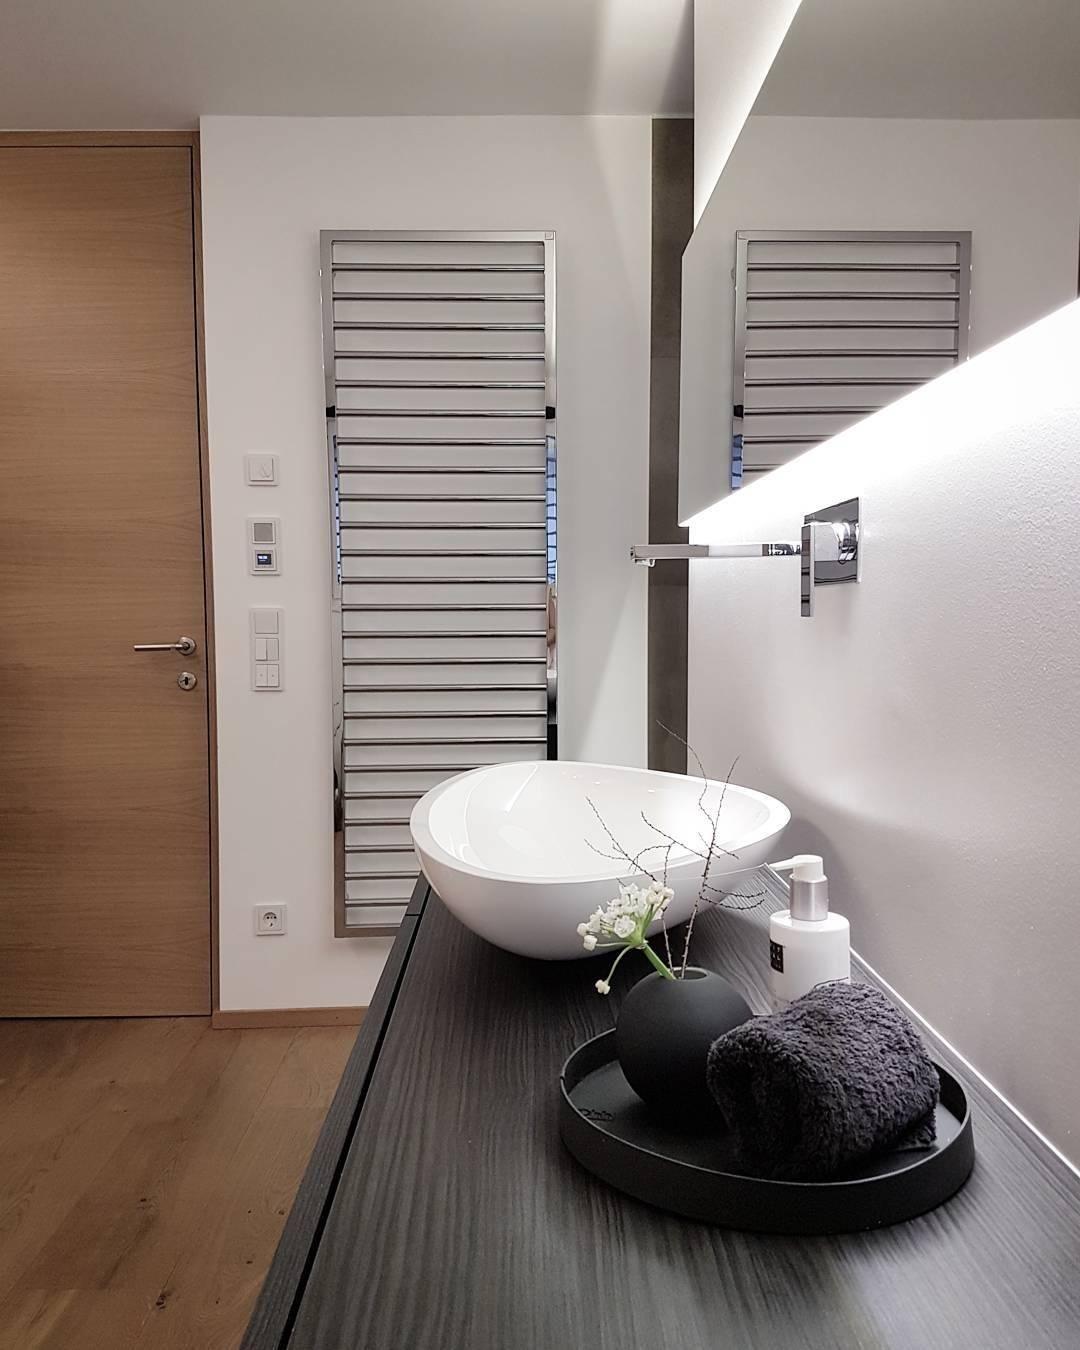 Auch Im Badezimmer Dürfen Stilvolle Accessoires, Wie Die Wunderschöne Vase  Ball Nicht Fehlen. Frische